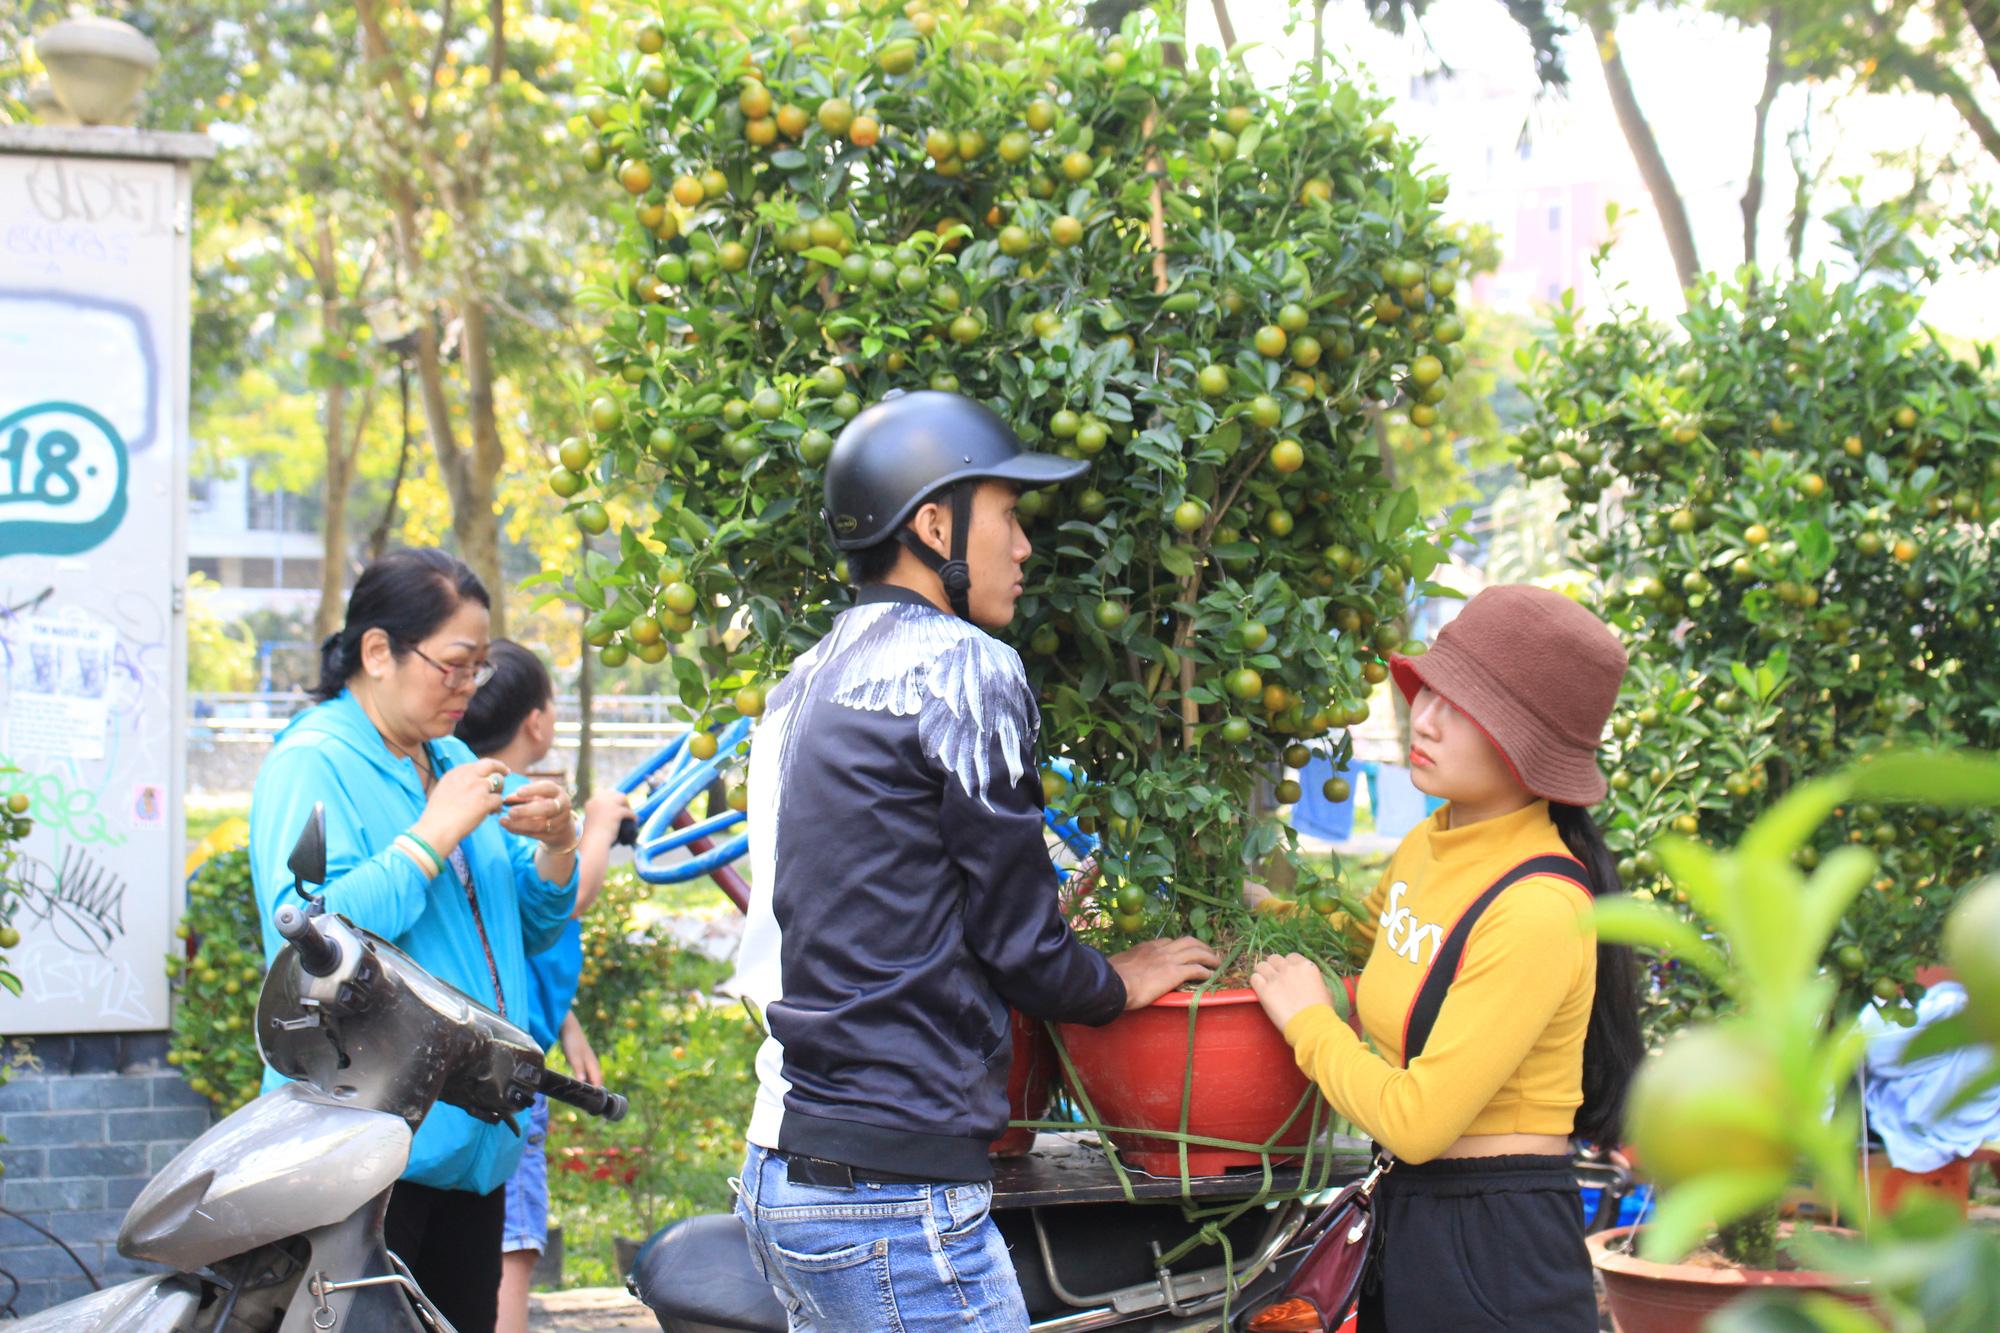 Mai, đào, tắc tiền triệu tại chợ hoa Sài Gòn ngóng người mua, có nhà vườn treo biển đồng giá 100.000 đồng mỗi chậu - Ảnh 10.